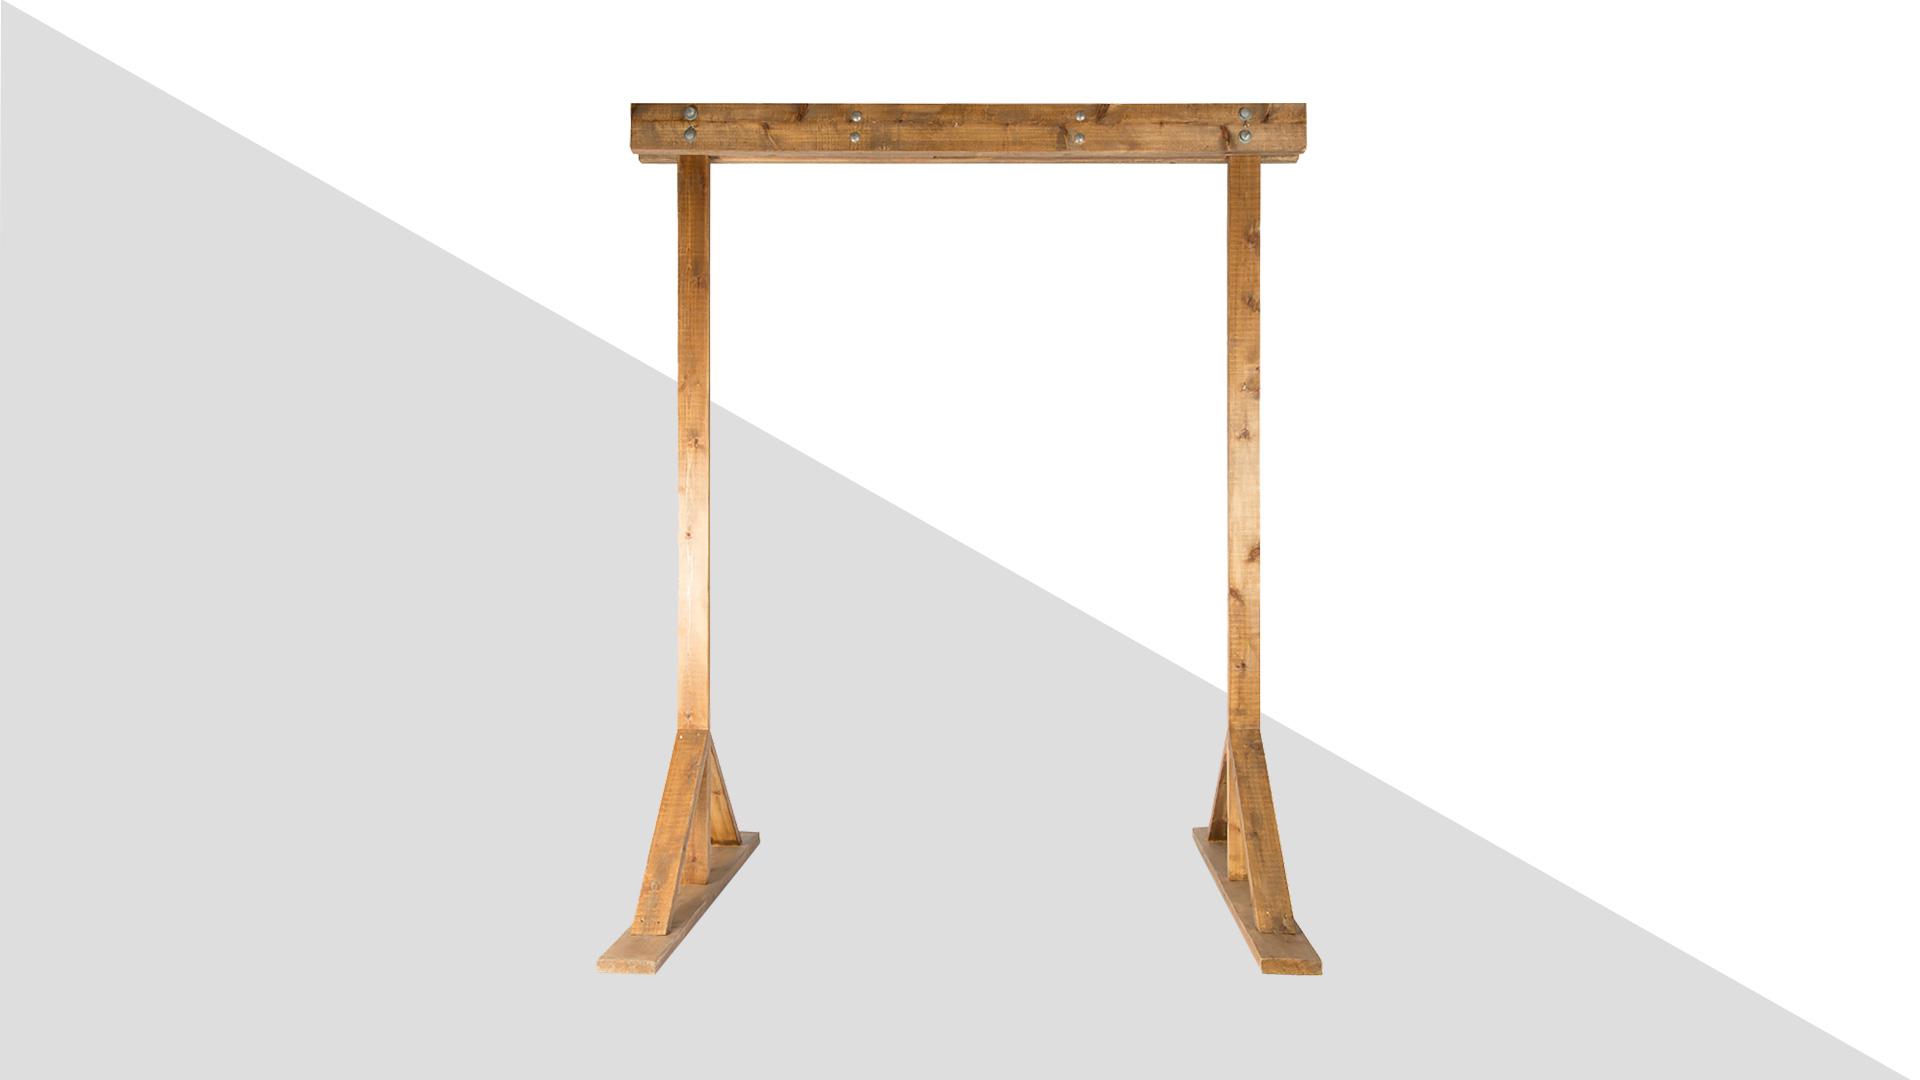 Скачать модель конструкции деревянной свадебной арки без декора «Рустик1» для работы вфотошопе